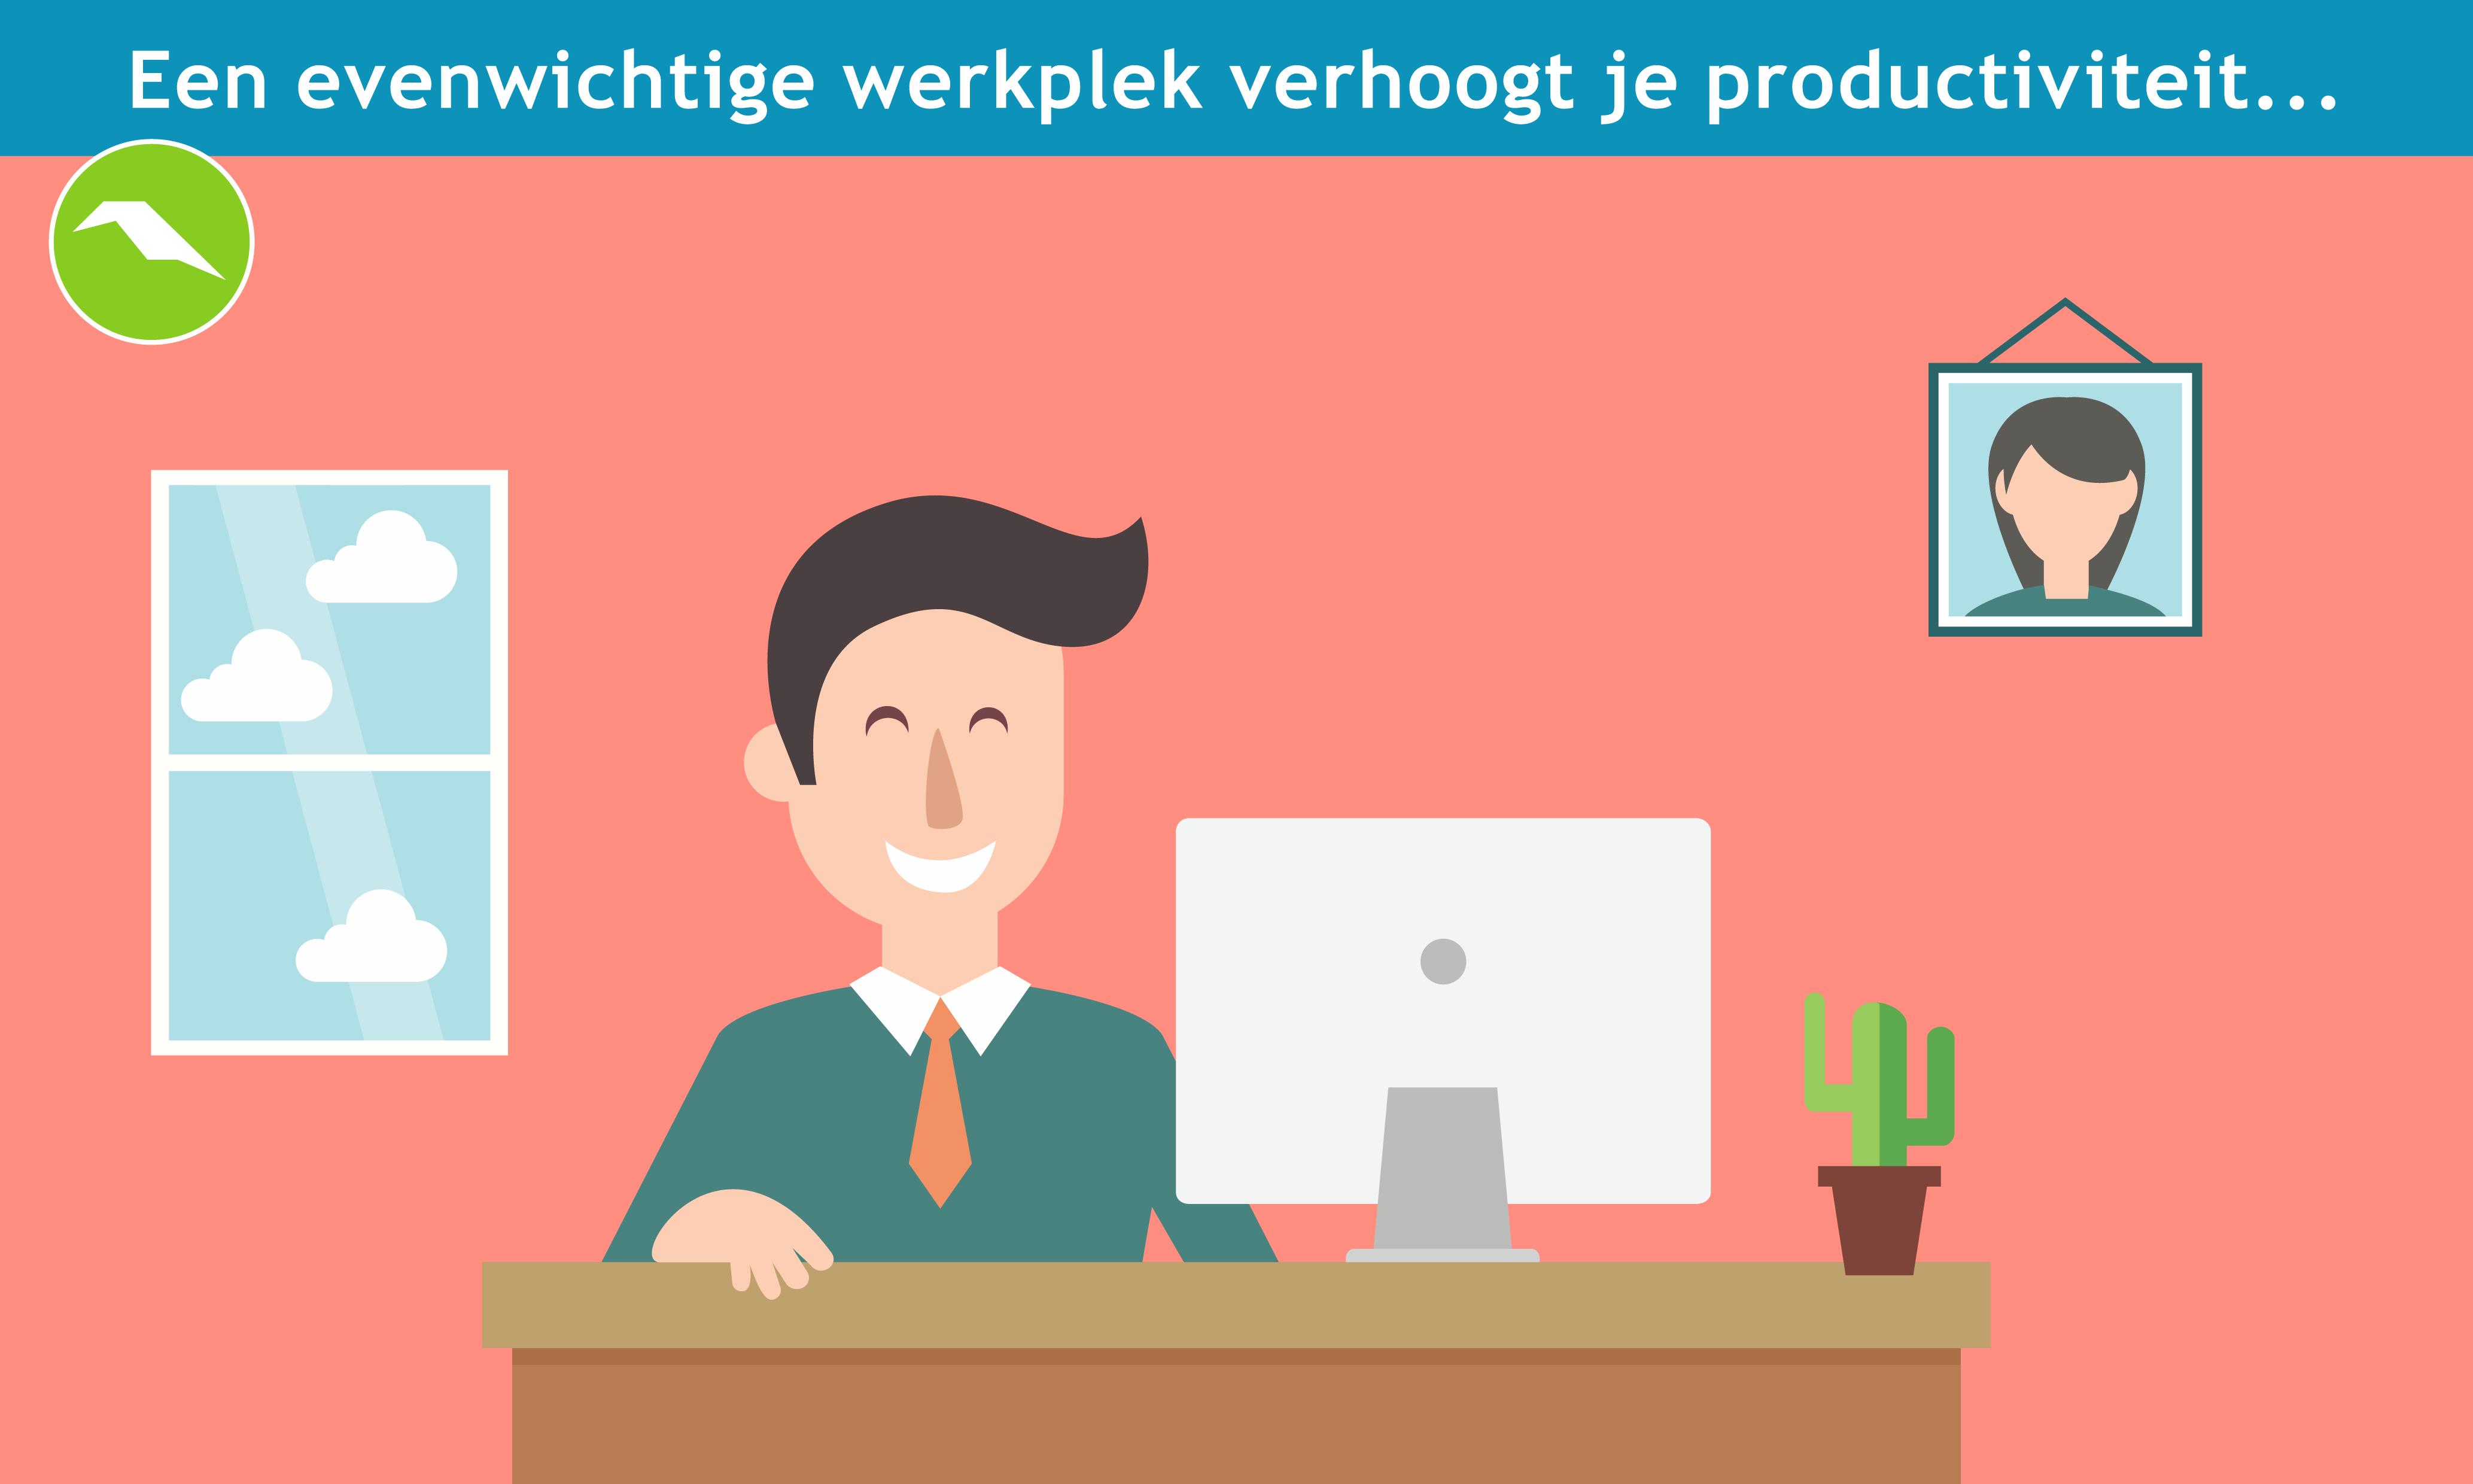 Een evenwichtige werkplek verhoogt je productiviteit